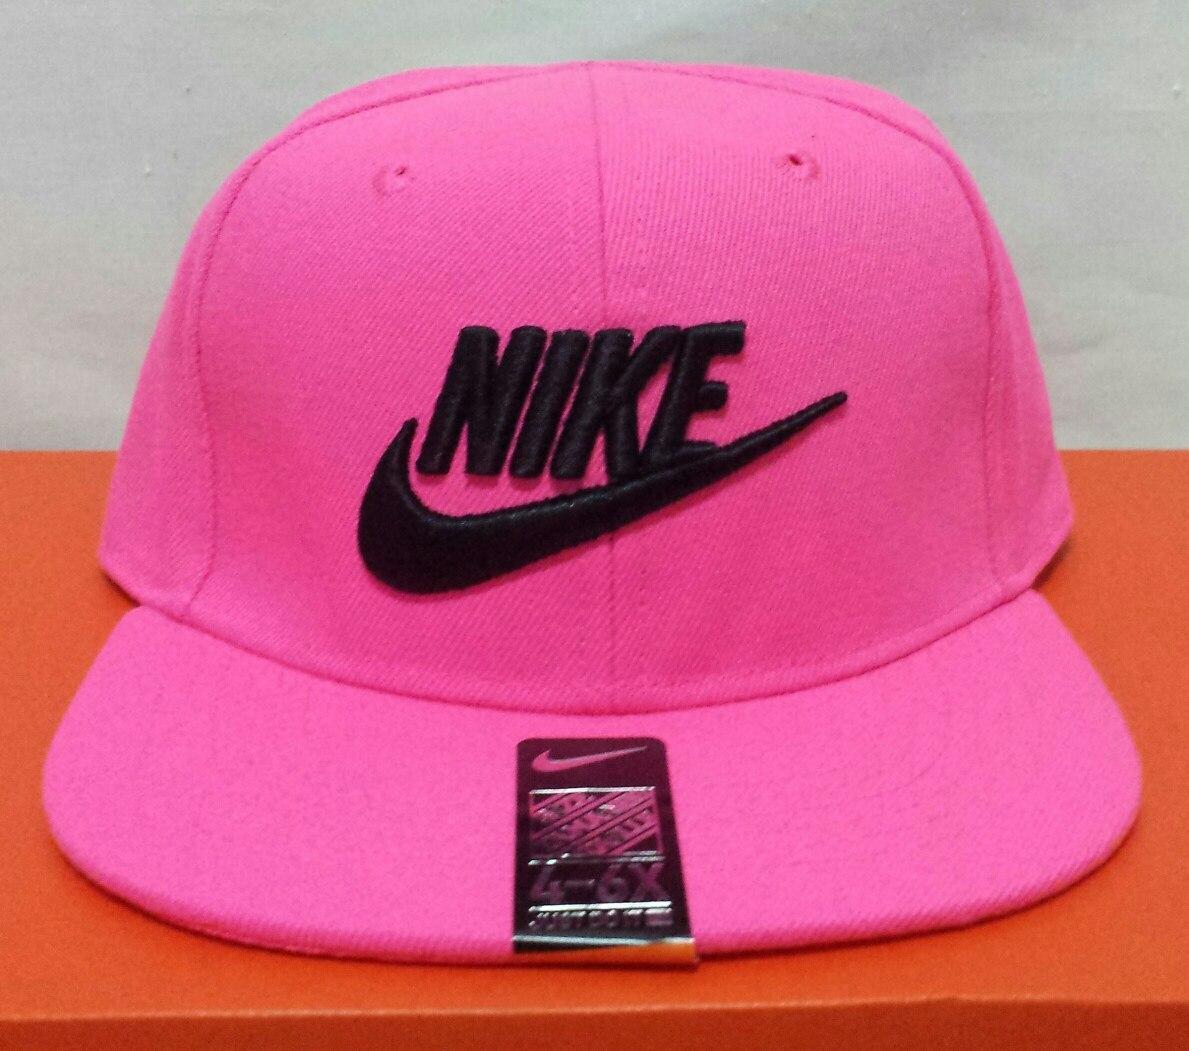 9e311d18ca038 Gorras Nike Planas Importadas De Usa ¡¡¡ Unicas!!! -   1.399